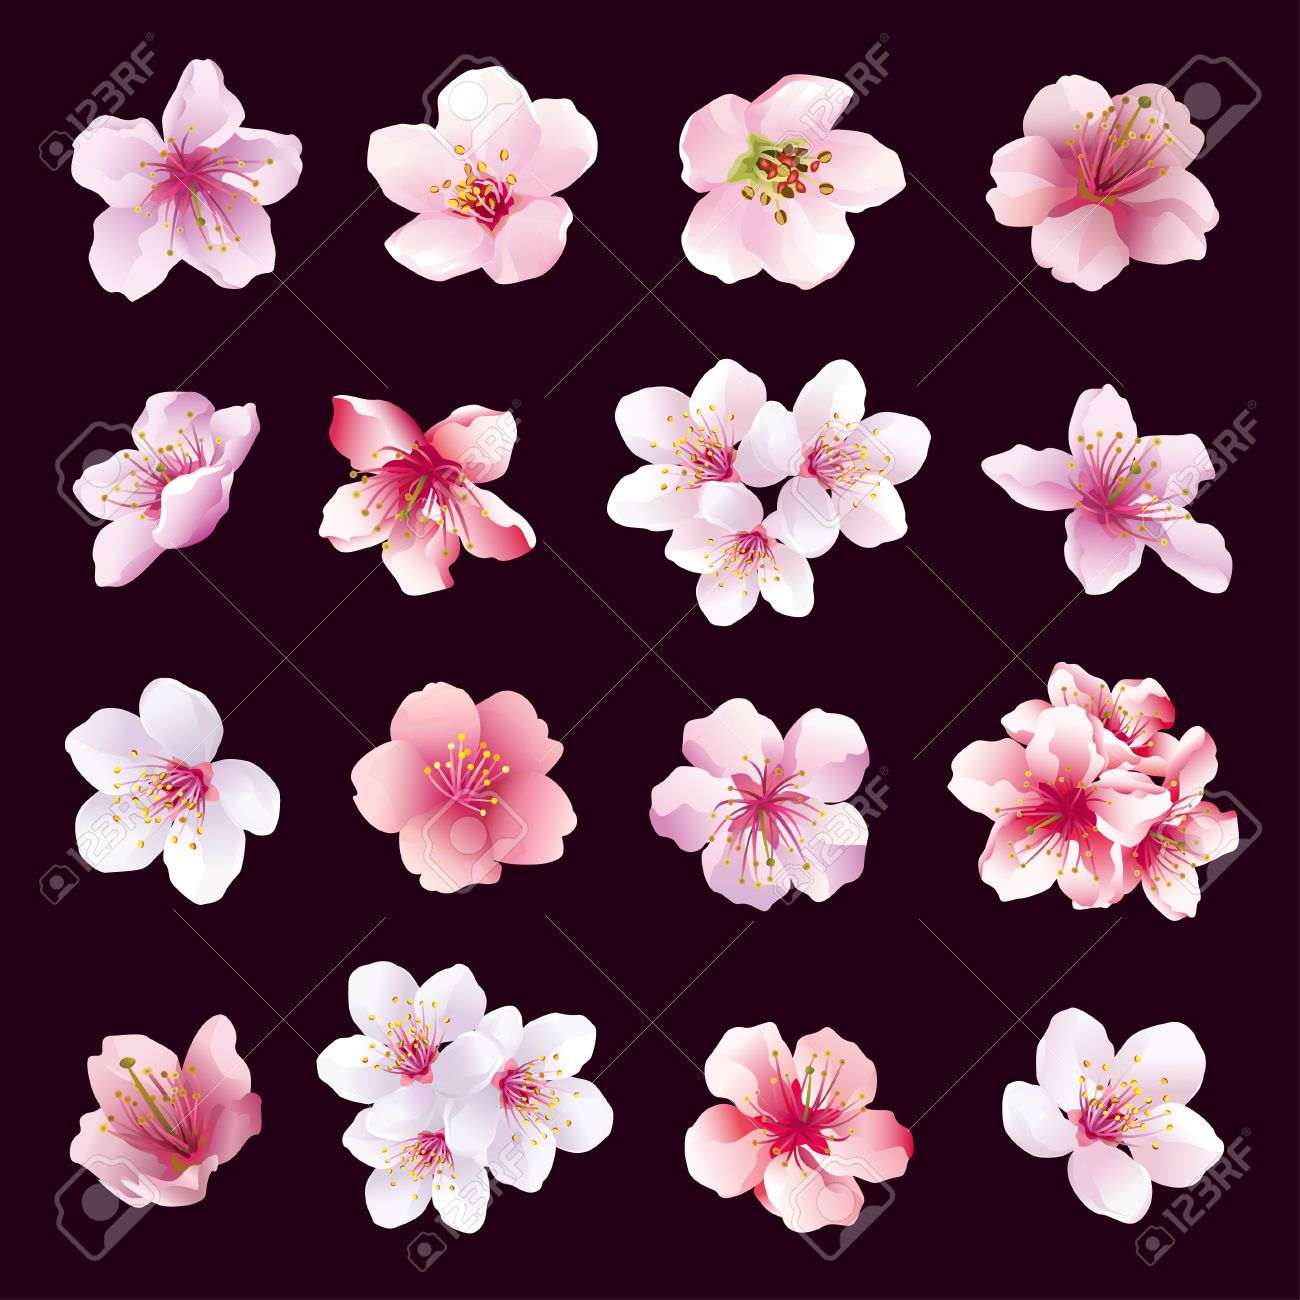 Dessin Fleur Cerisier Ensemble De Differentes Belles Fleurs De